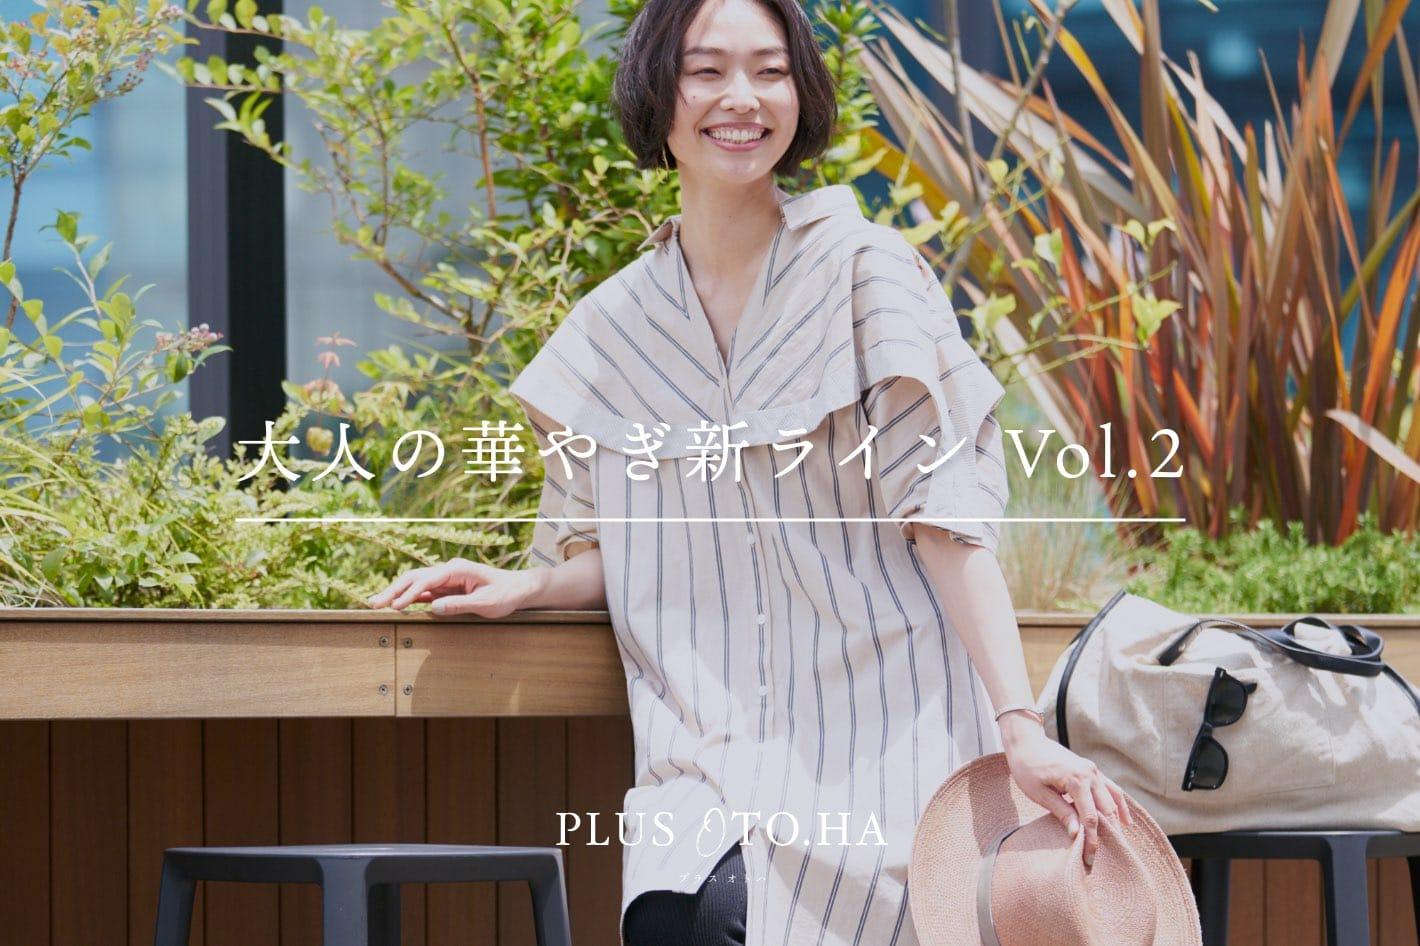 PLUS OTO.HA JOY!PLUS OTO.HA / 大人の華やぎ新ライン Vol.2